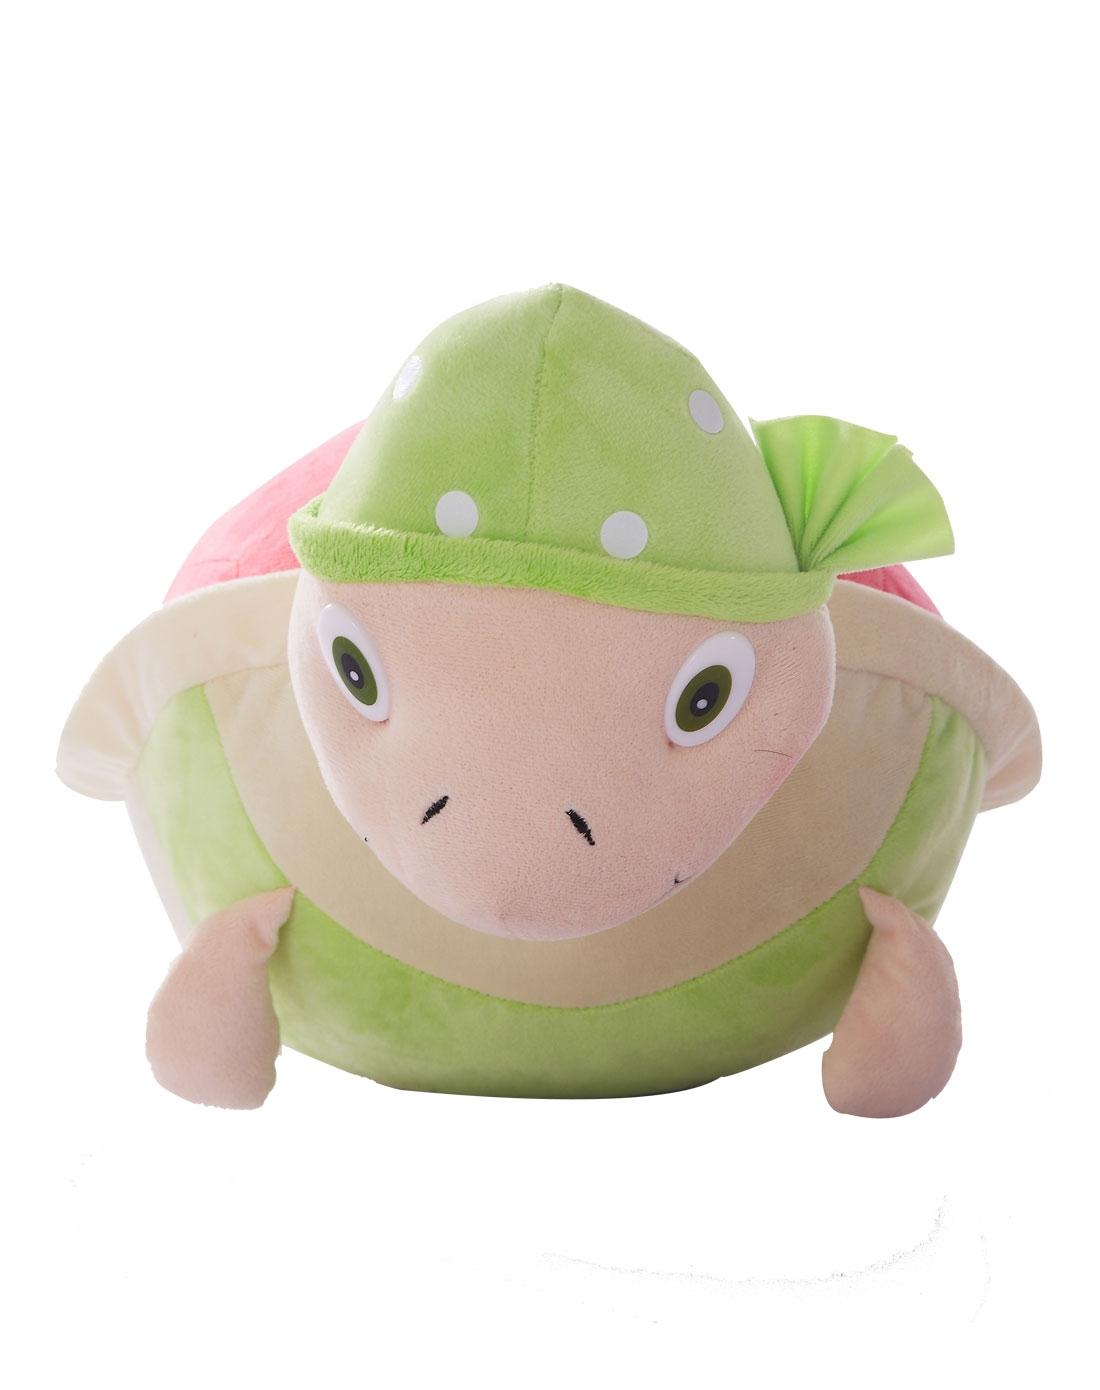 可爱绿色乌龟公仔50cm